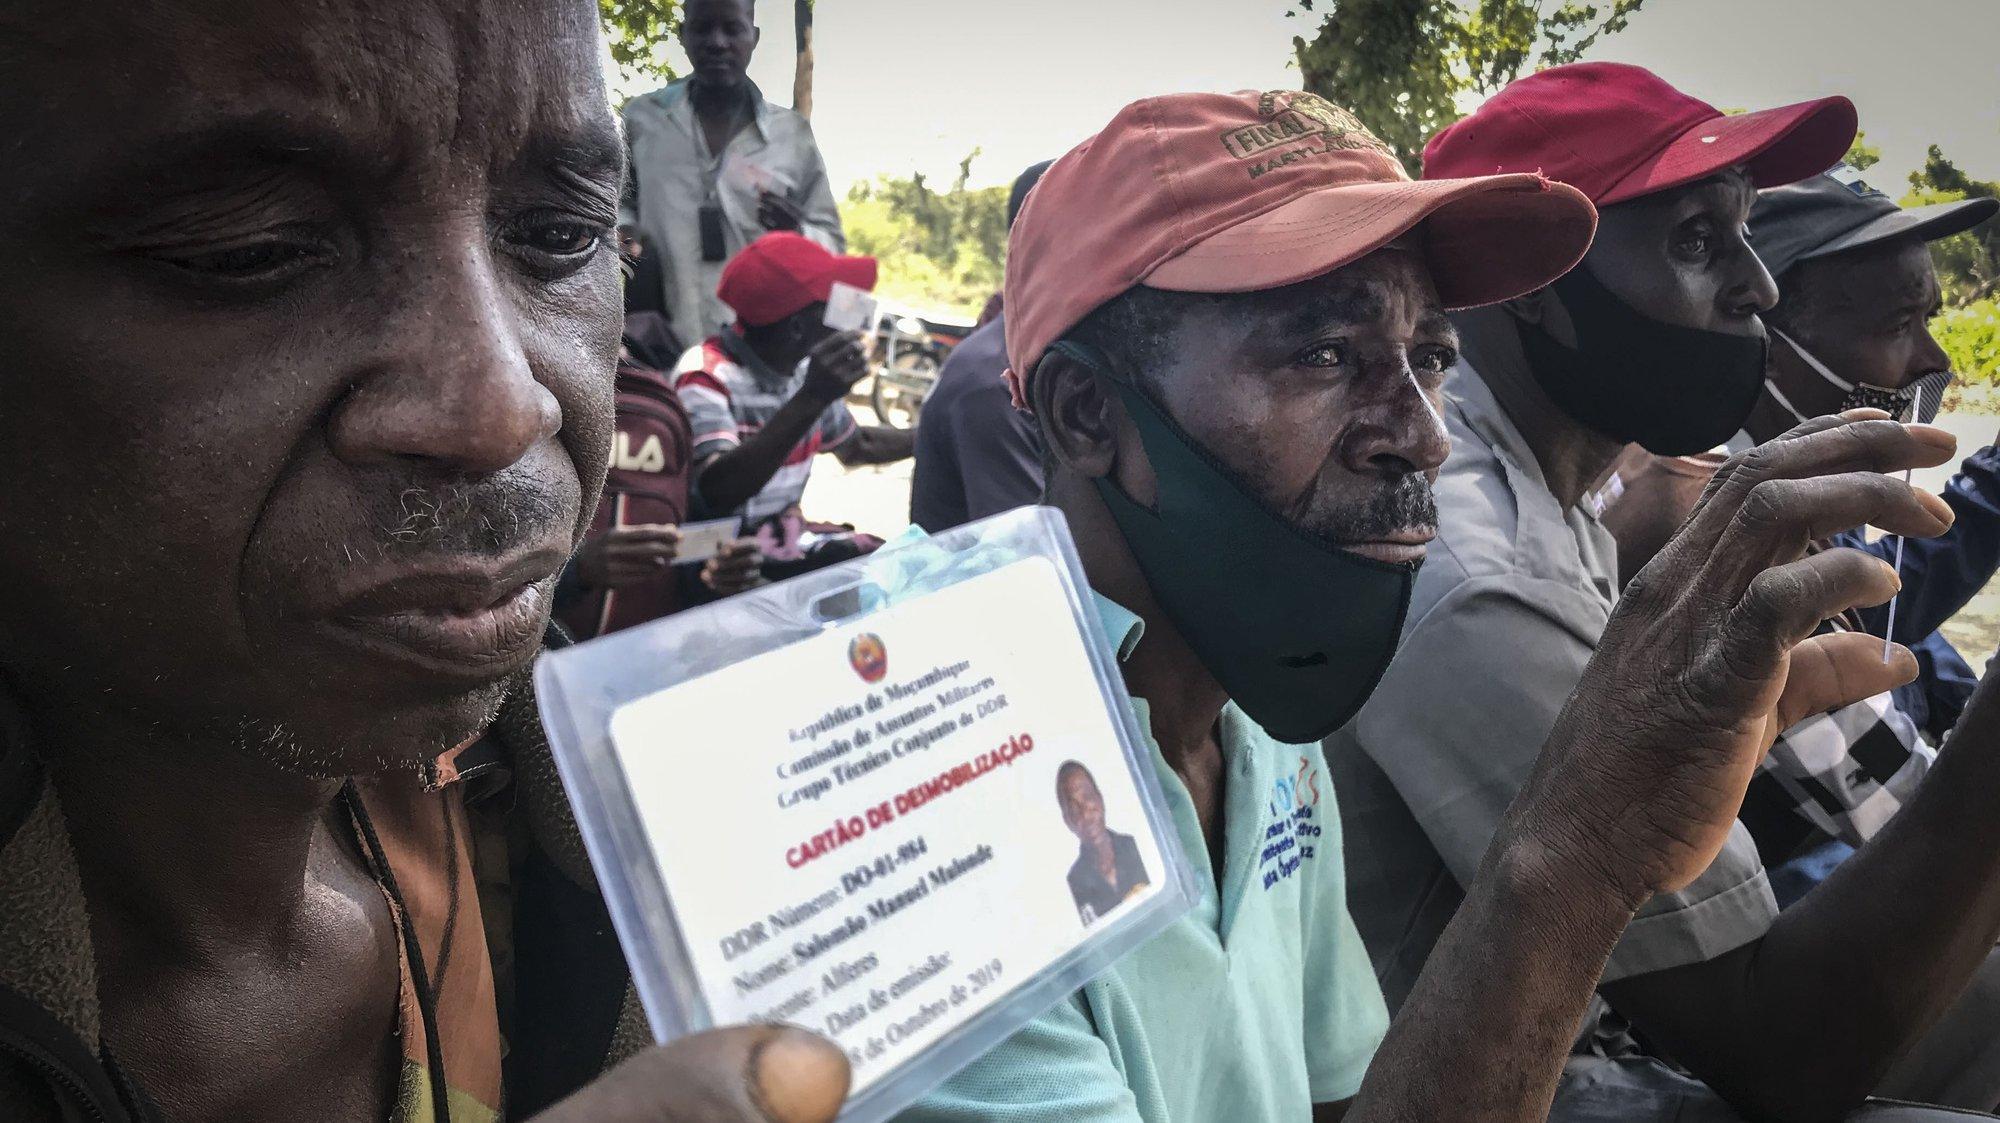 """Ex-guerrilheiros exibem o seu cartão de desmobilização, durante uma reunião de ex-guerrilheiros desmobilizados na aldeia de Nhamatanda, Moçambique, 24 de maio de 2021. O Presidente moçambicano tem feito um balanço positivo do processo de DDR, em diferentes discursos feitos nas últimas semanas e destacou os """"importantes avanços na implementação do processo, com 10 bases desativadas e 2.307 combatentes a entregar as armas, o equivalente a 44% do número total de guerrilheiros a desarmar"""". (ACOMPANHA TEXTO DA LUSA DO DIA 25 DE MAIO DE 2021). ANDRÉ CATUEIRA/LUSA"""